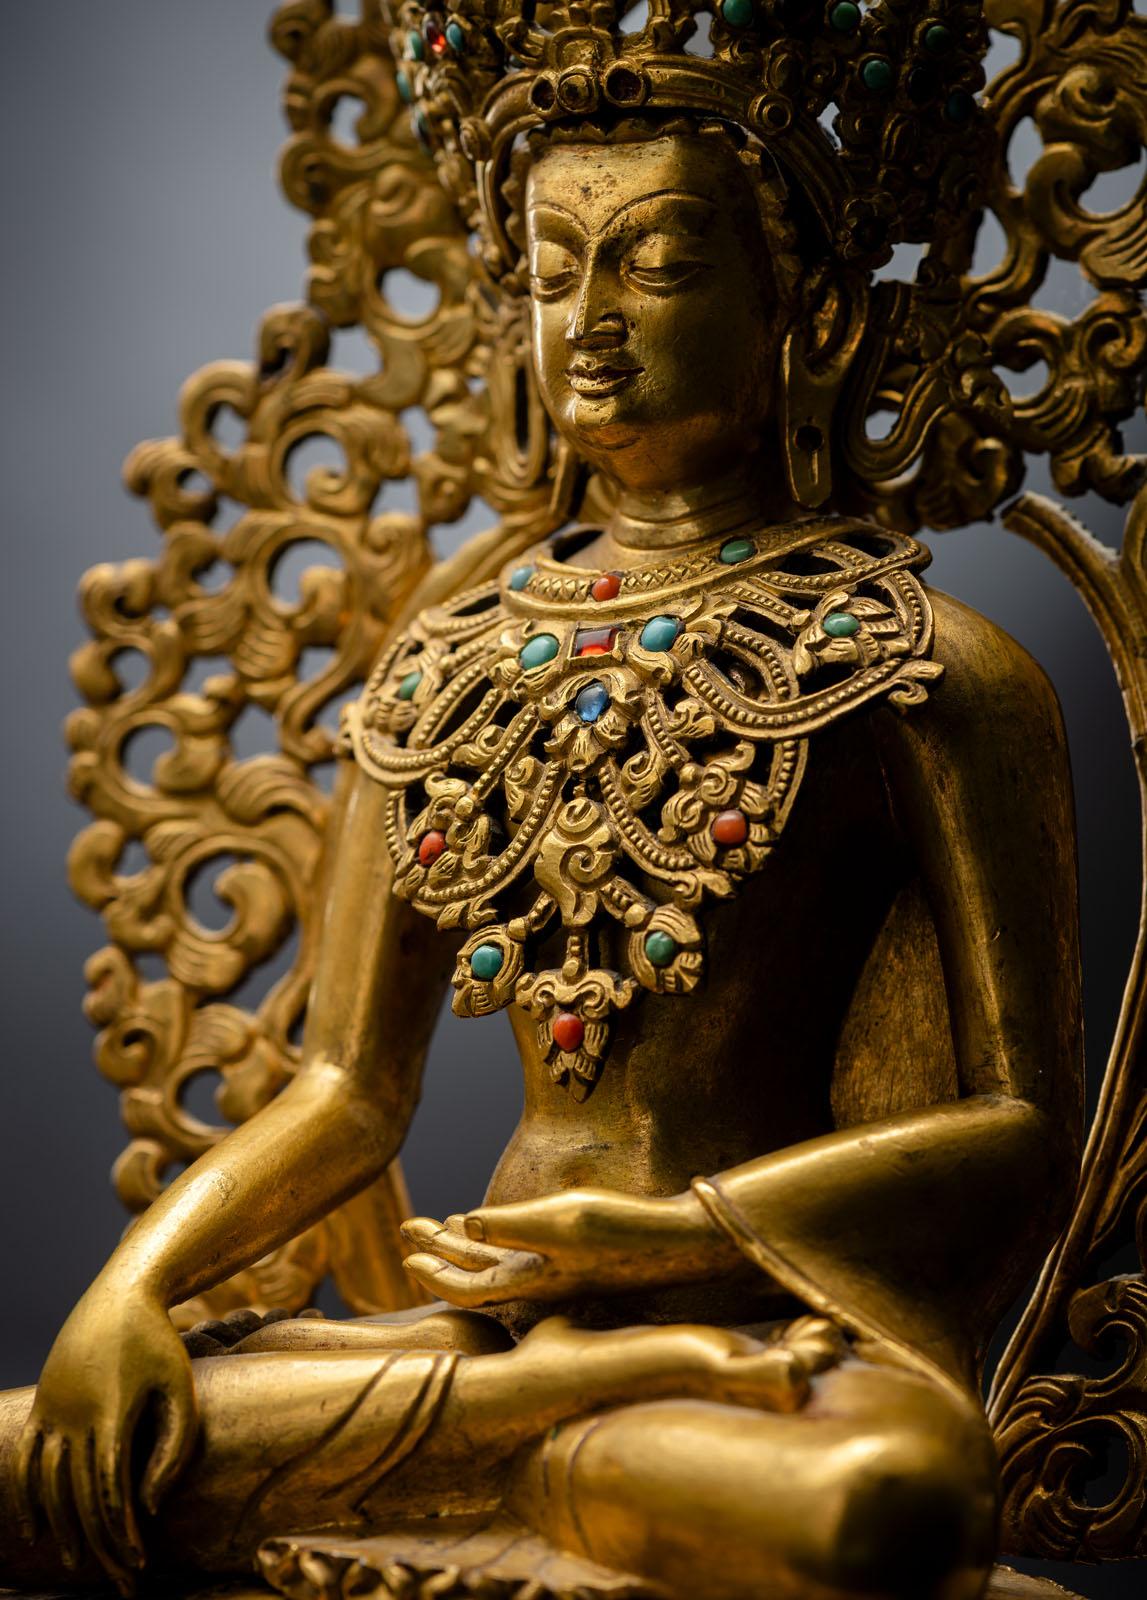 A FINE GILT-BRONZE FIGURE OF BUDDHA SHAKYAMUNI - Image 4 of 4